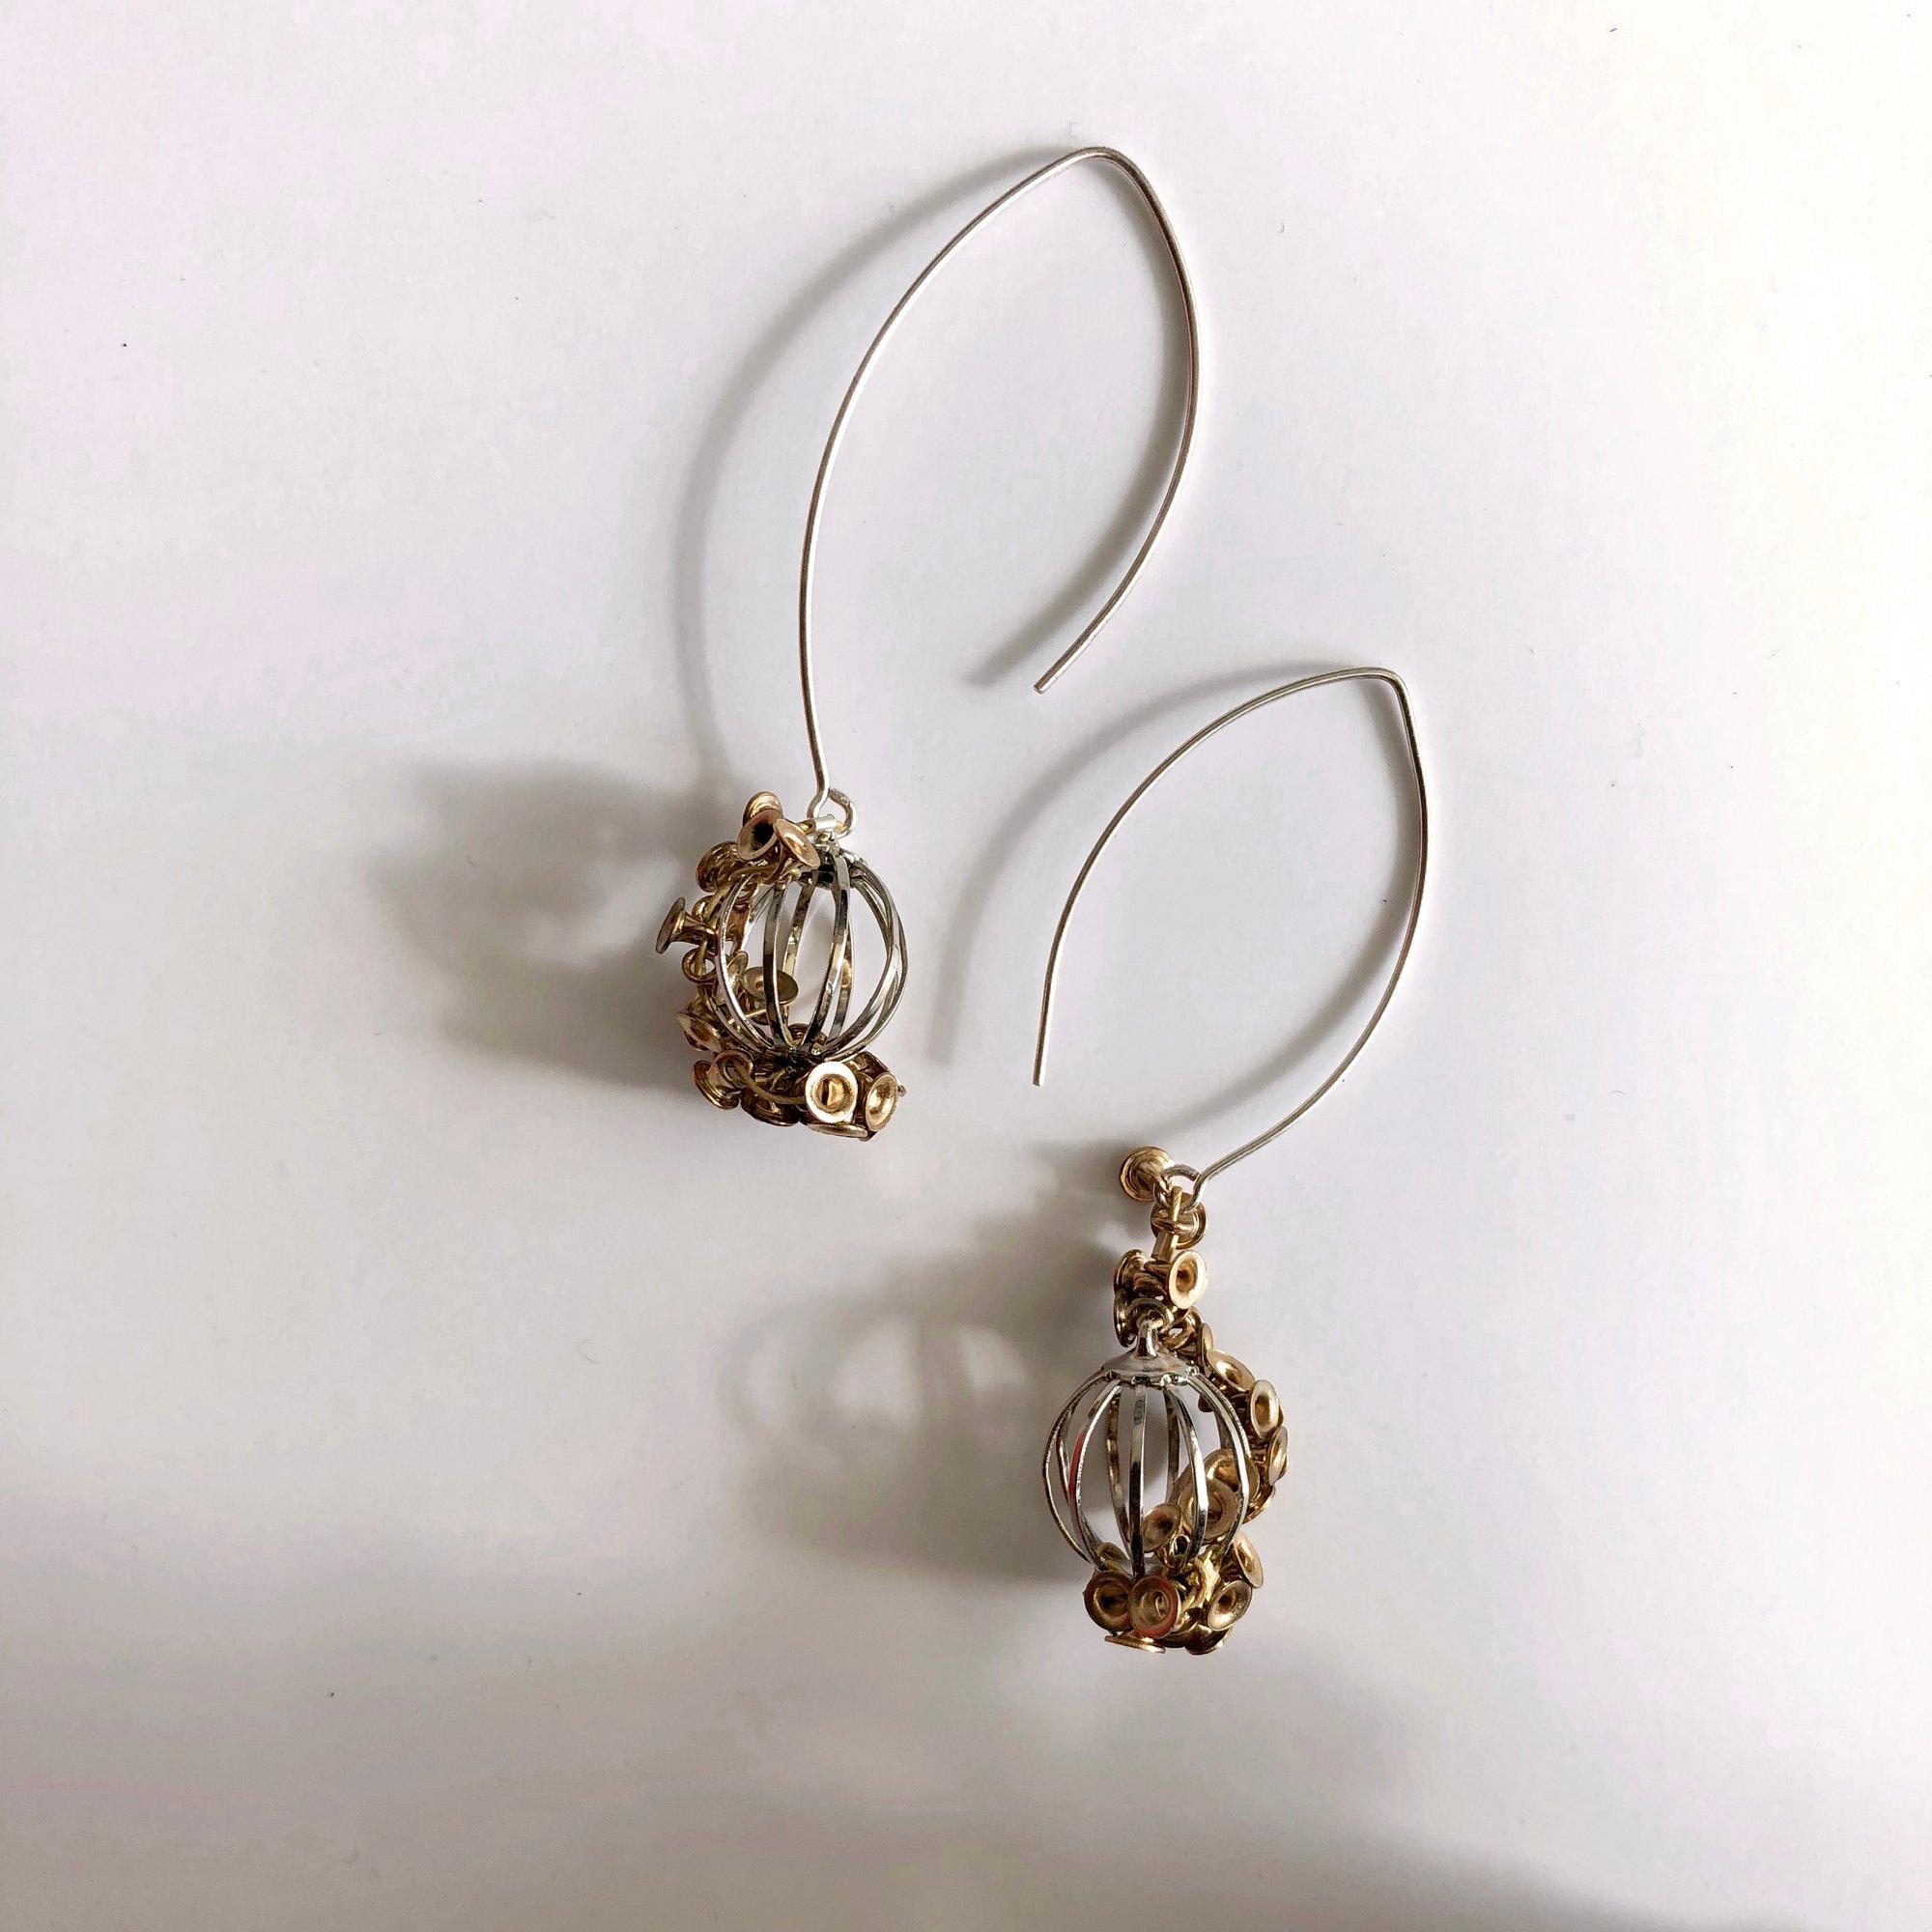 Image of Hide & Seed earrings